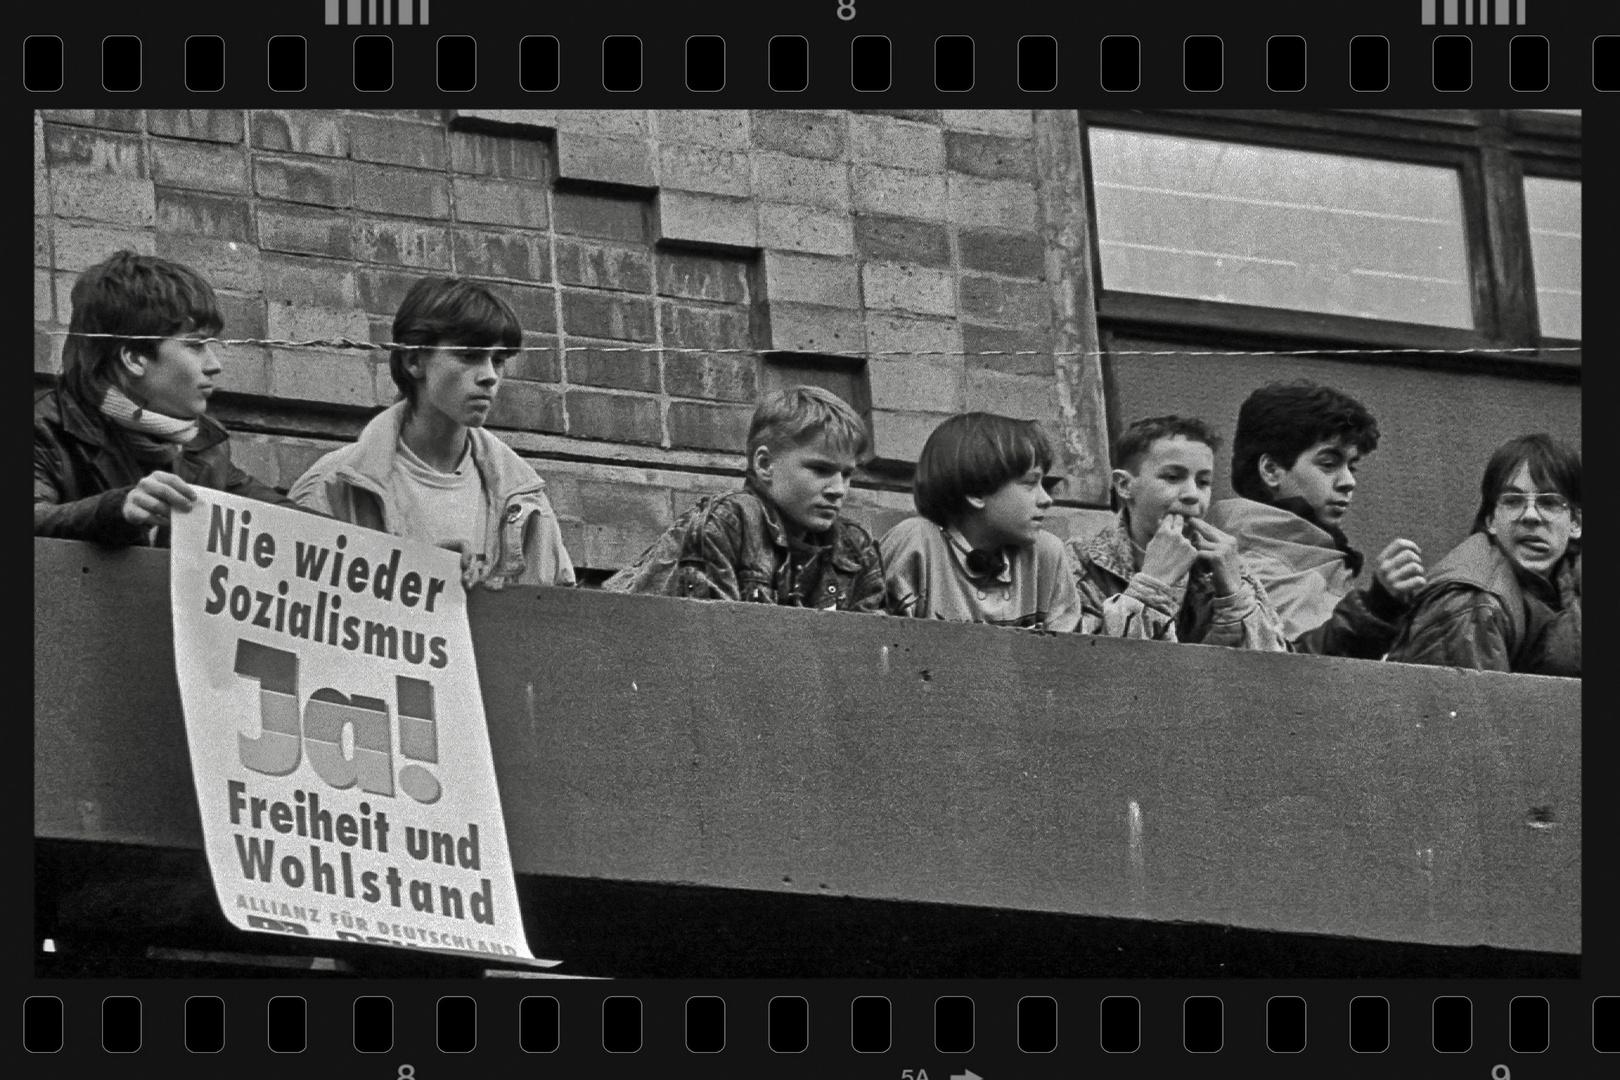 Rückblick: Allianz für Deutschland 1990